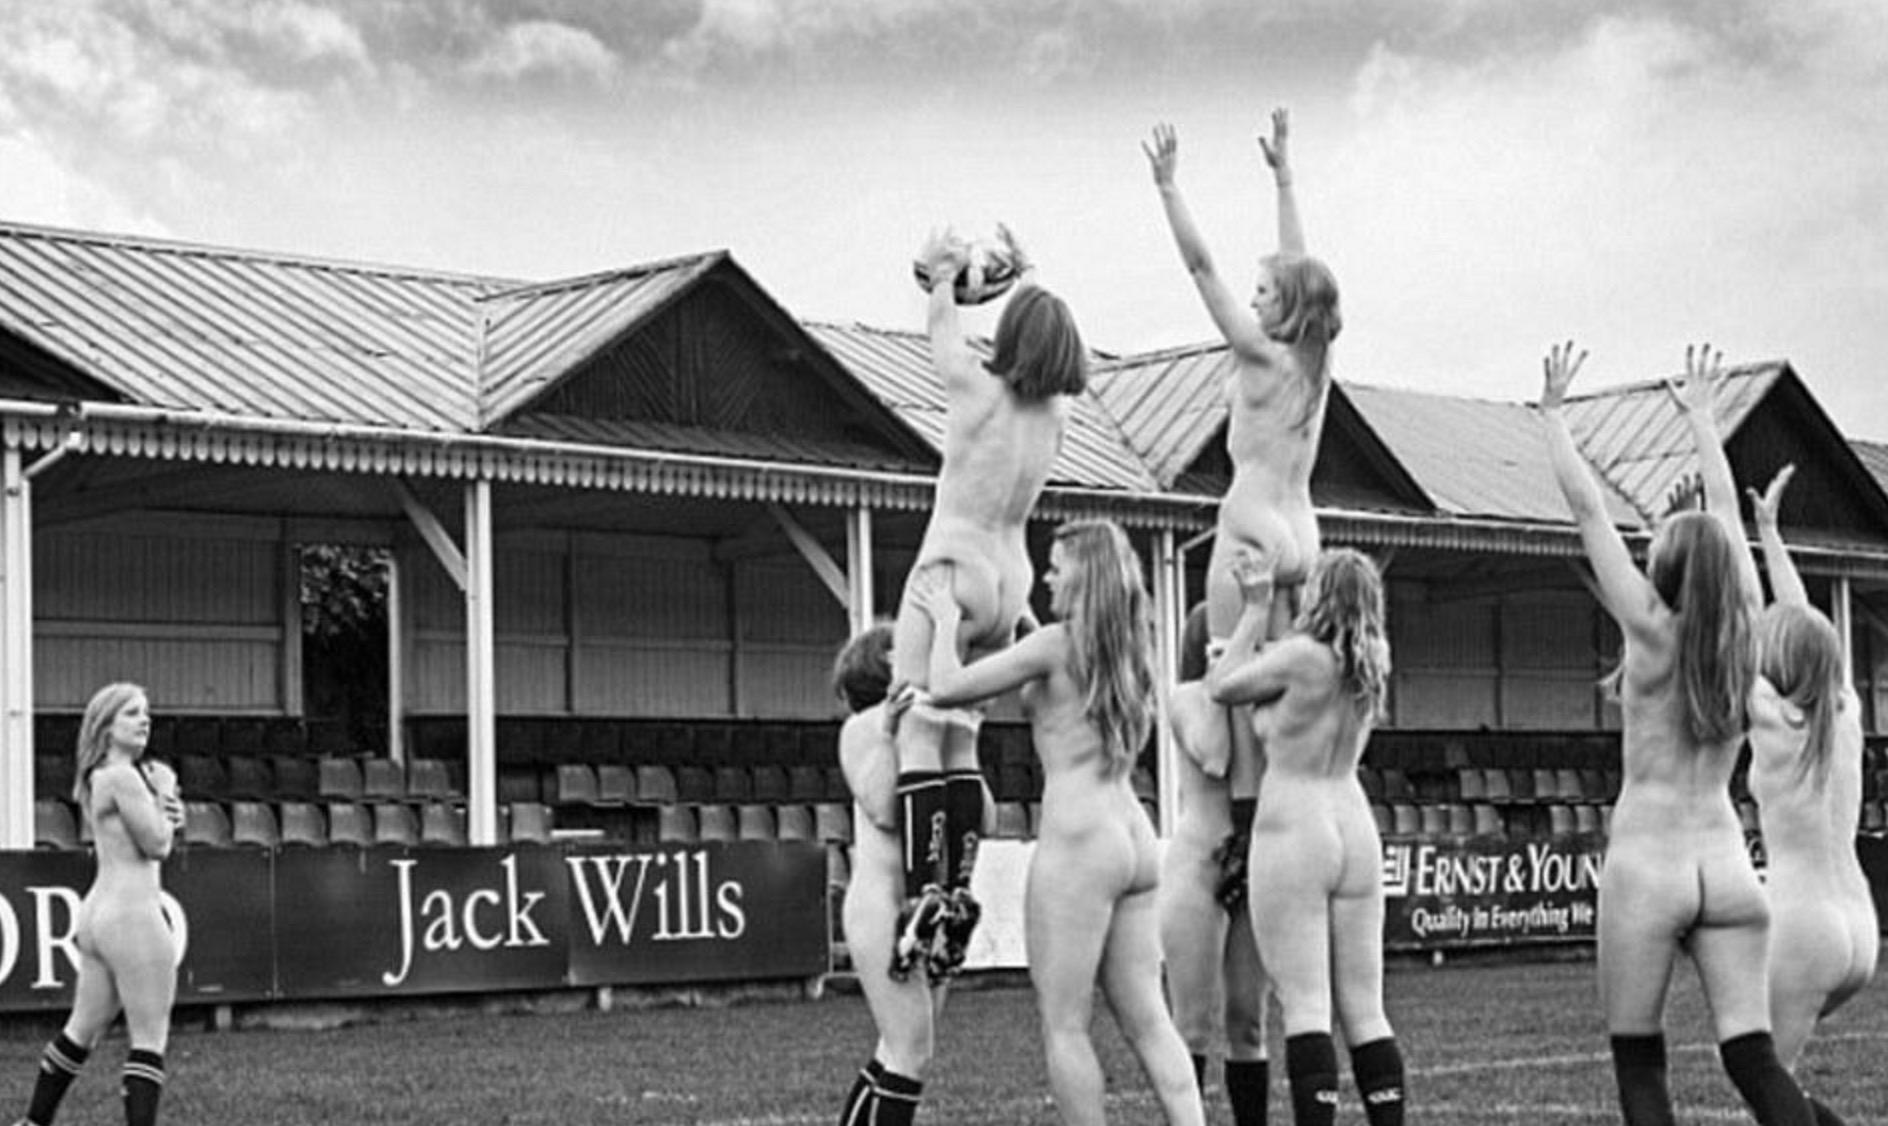 英国橄榄球女队员全裸写真传遍网络 但她们展现运动美